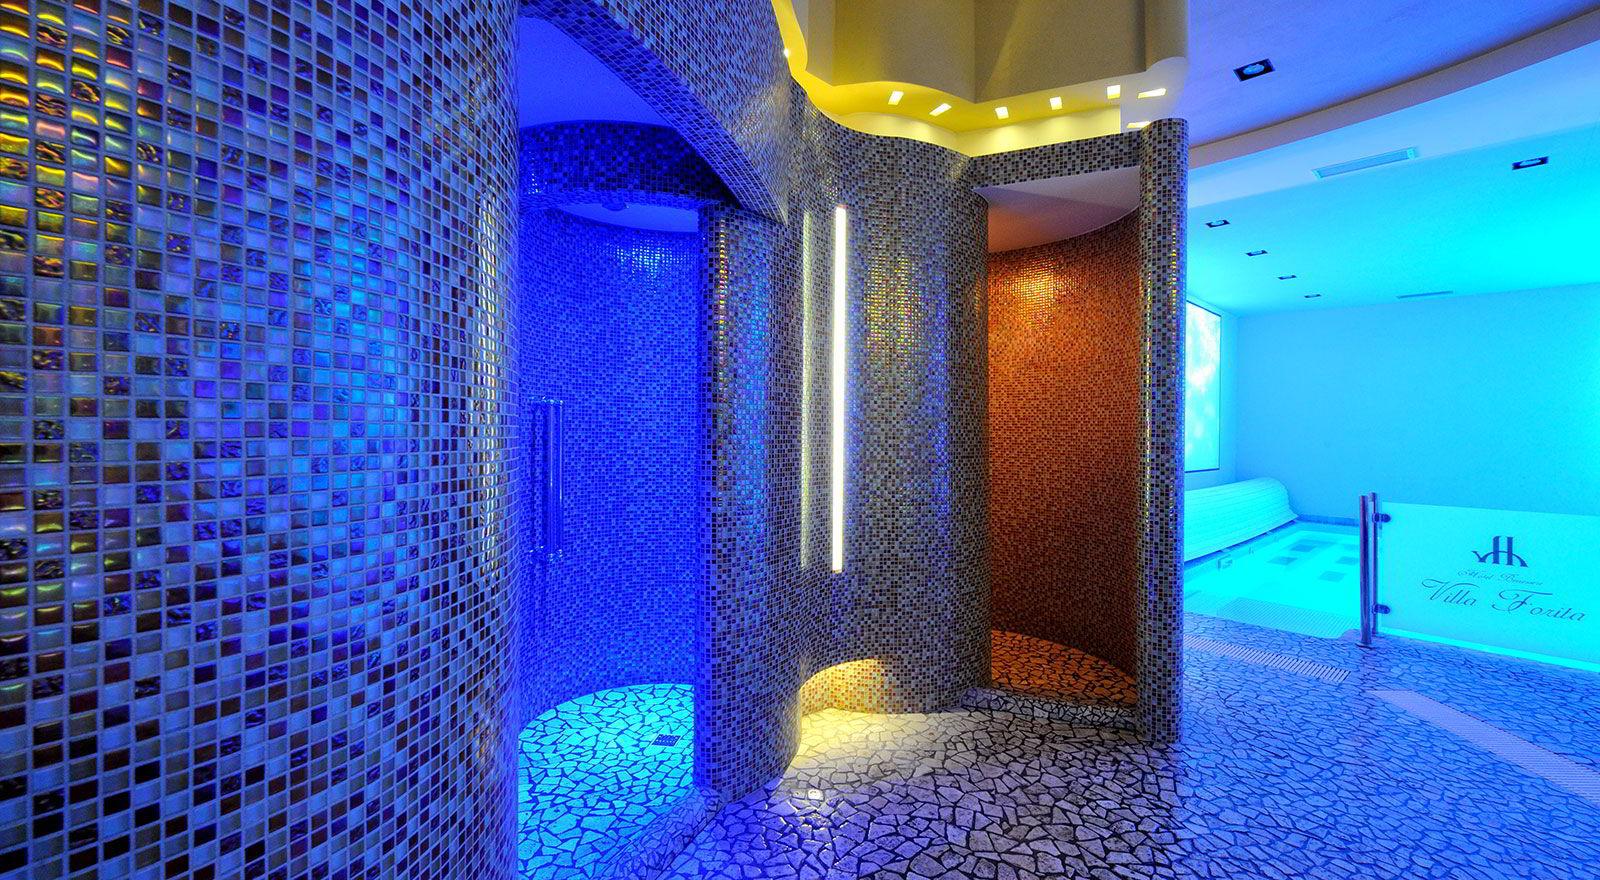 Hotel con doccia emozionale in umbria umbria bimbo - Hotel con piscina umbria ...